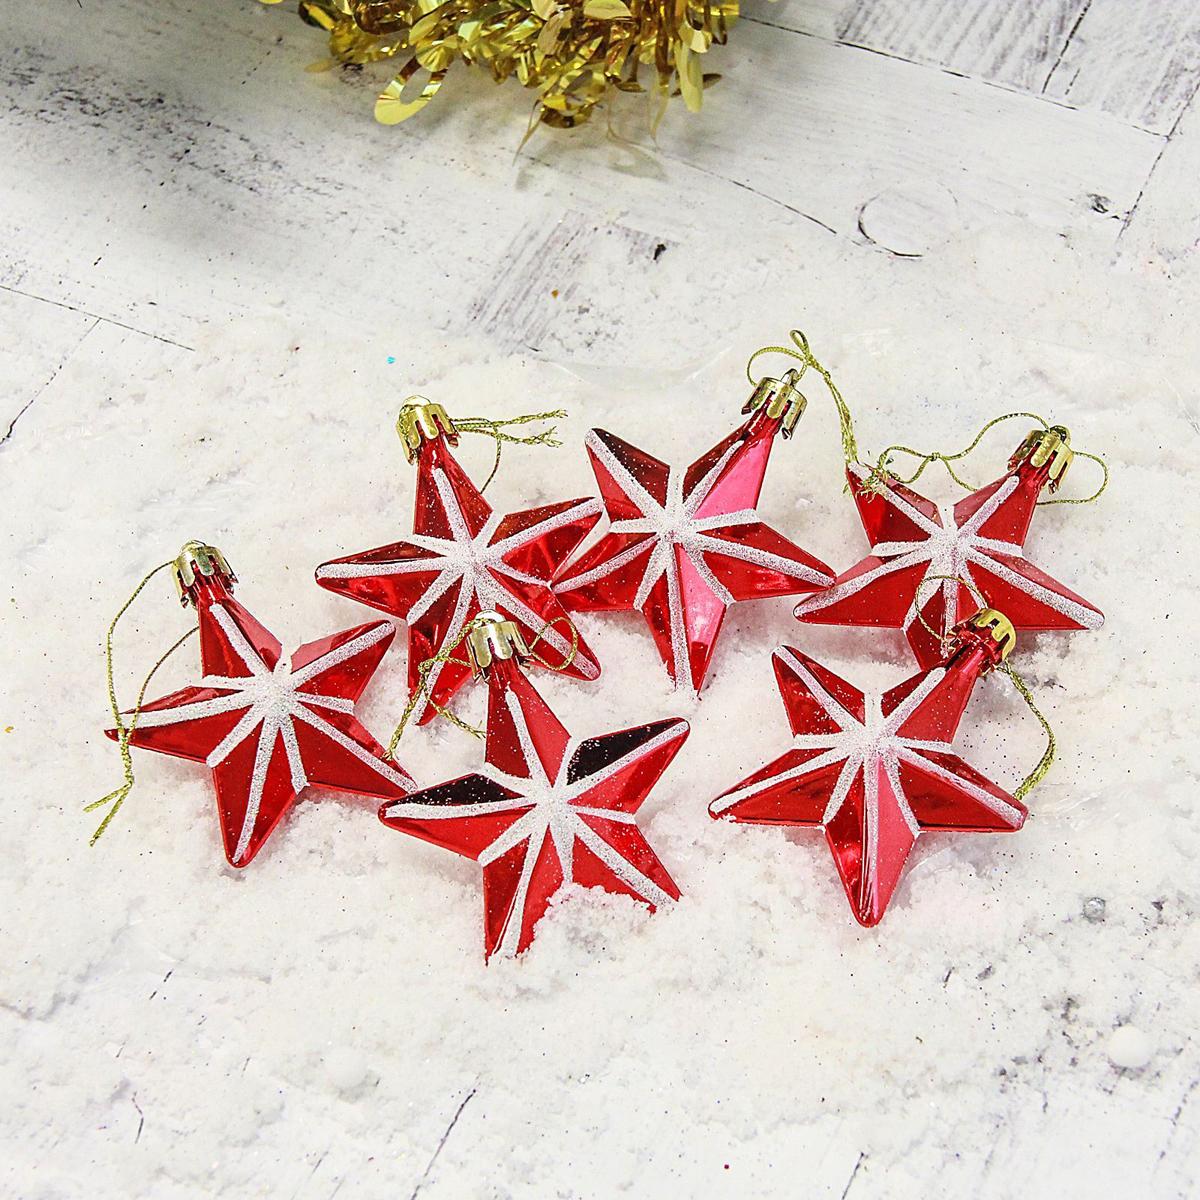 Набор новогодних подвесных украшений Звезда, диаметр 6 см, 6 шт2178119Набор новогодних подвесных украшений отлично подойдет для декорации вашего дома и новогодней ели. С помощью специальной петельки украшение можно повесить в любом понравившемся вам месте. Но, конечно, удачнее всего оно будет смотреться на праздничной елке.Елочная игрушка - символ Нового года. Она несет в себе волшебство и красоту праздника. Такое украшение создаст в вашем доме атмосферу праздника, веселья и радости.